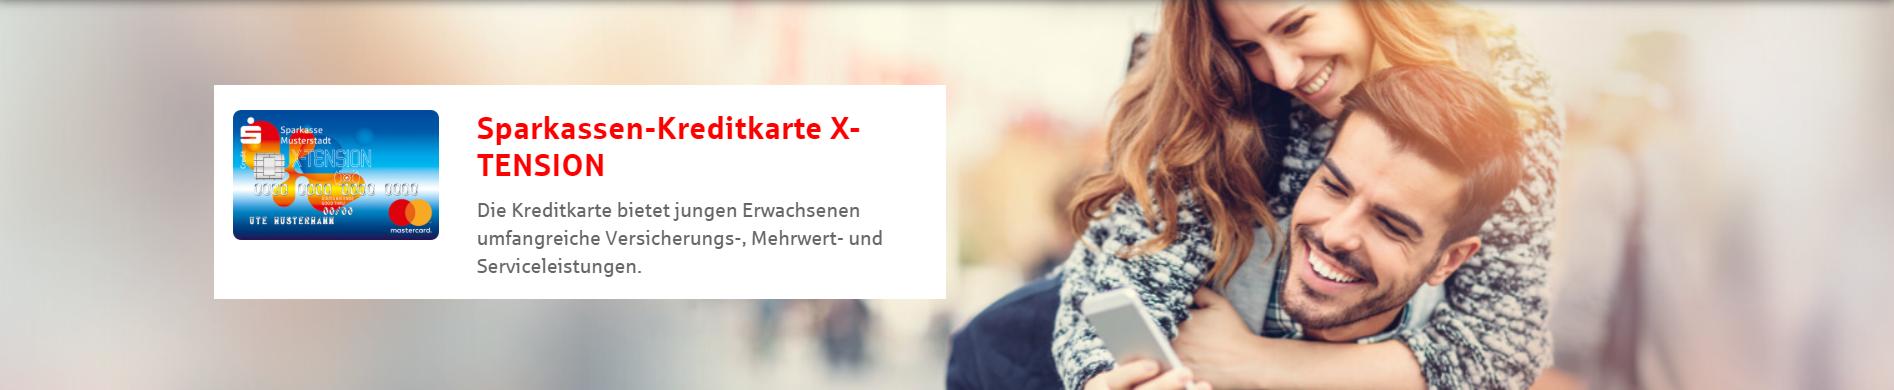 Die Sparkasen-Kreditkarte X-TENSION für junge Leute